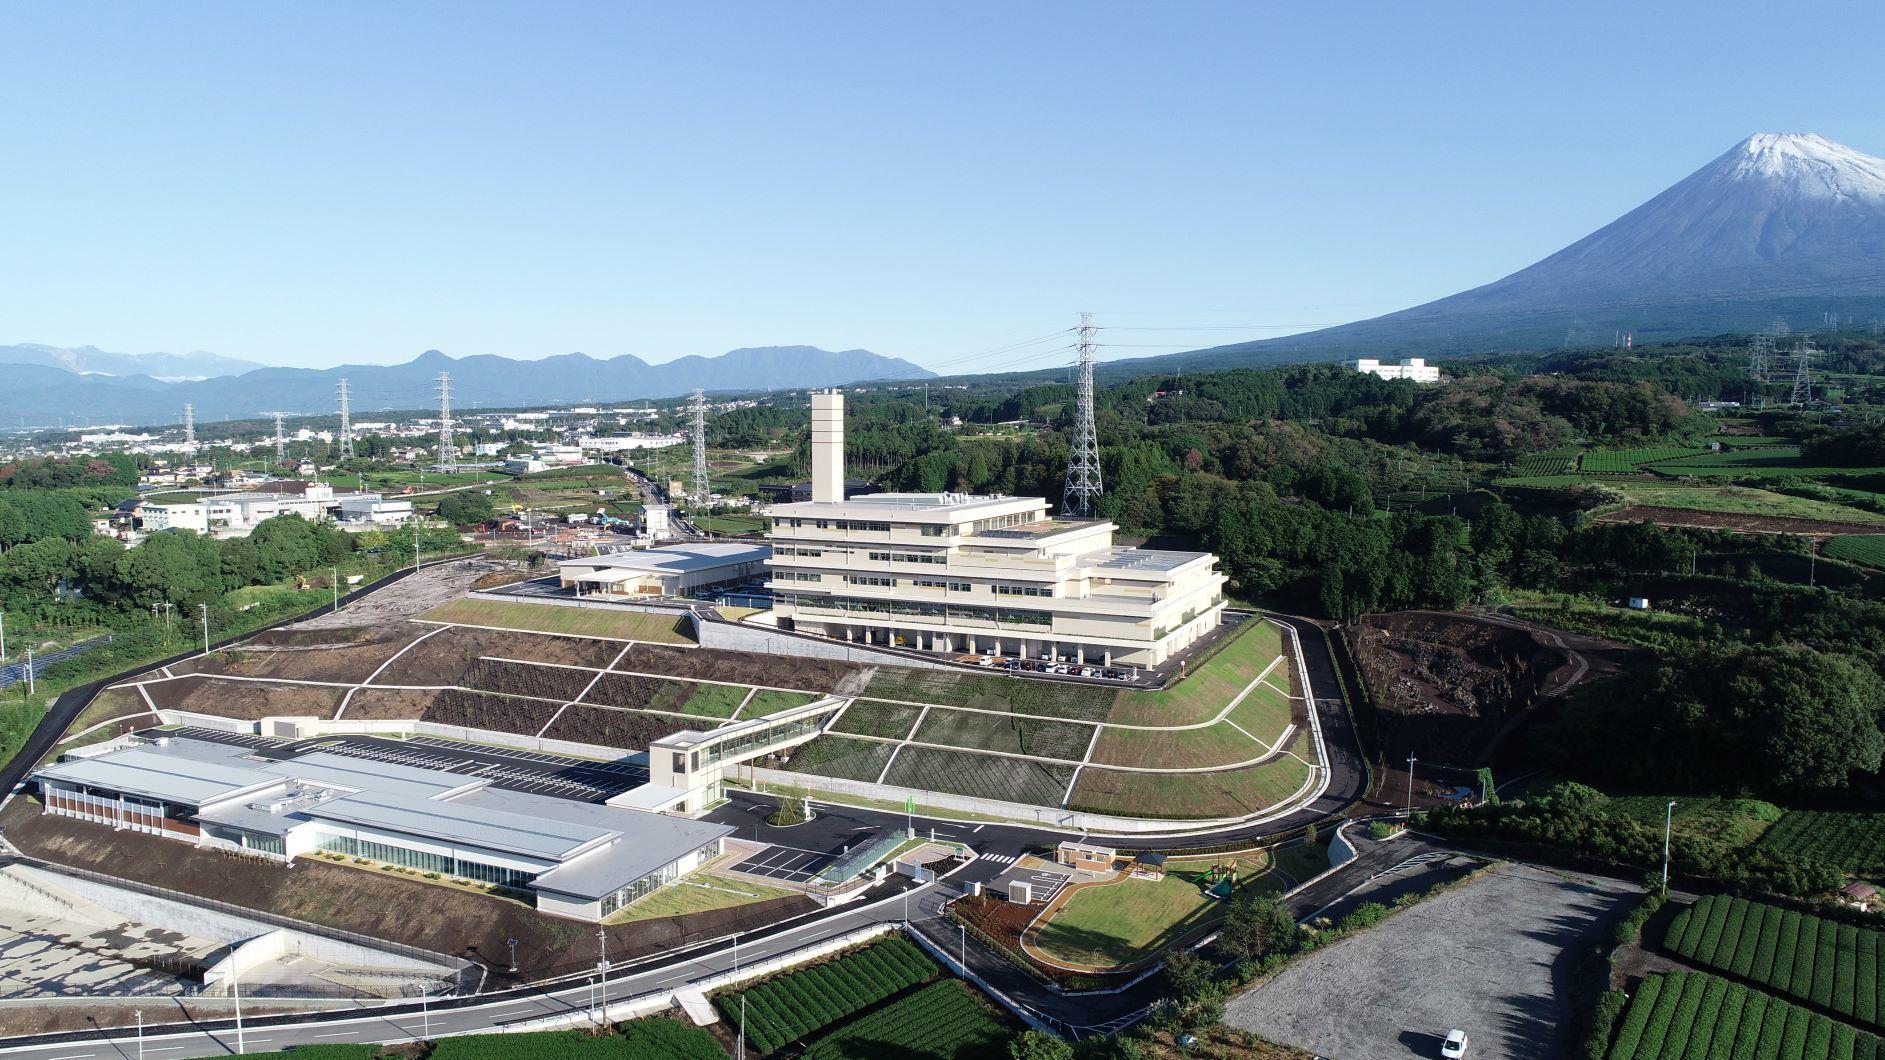 20201028川重富士市向け施設